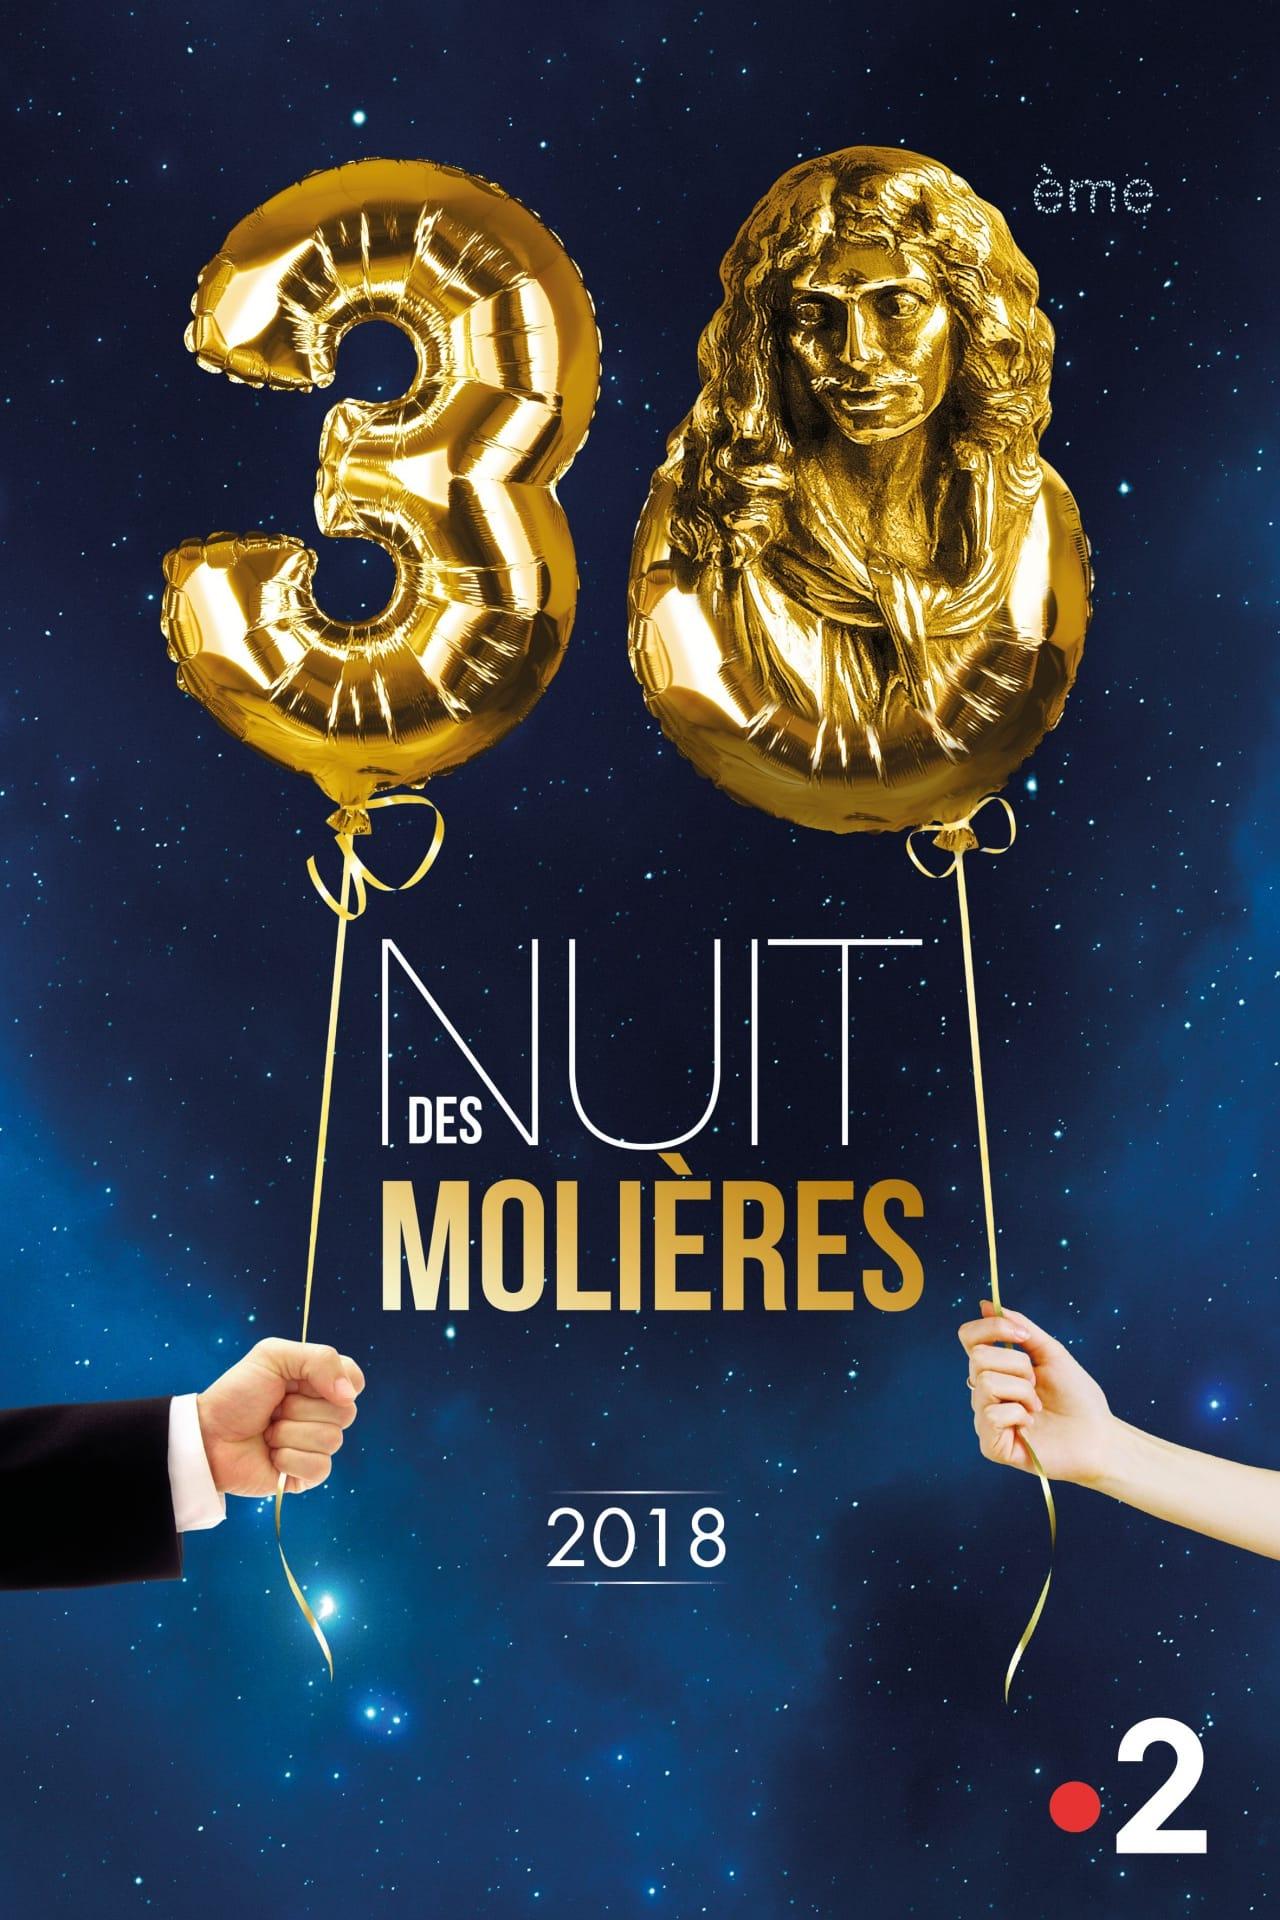 Les Molieres 2018 affiche